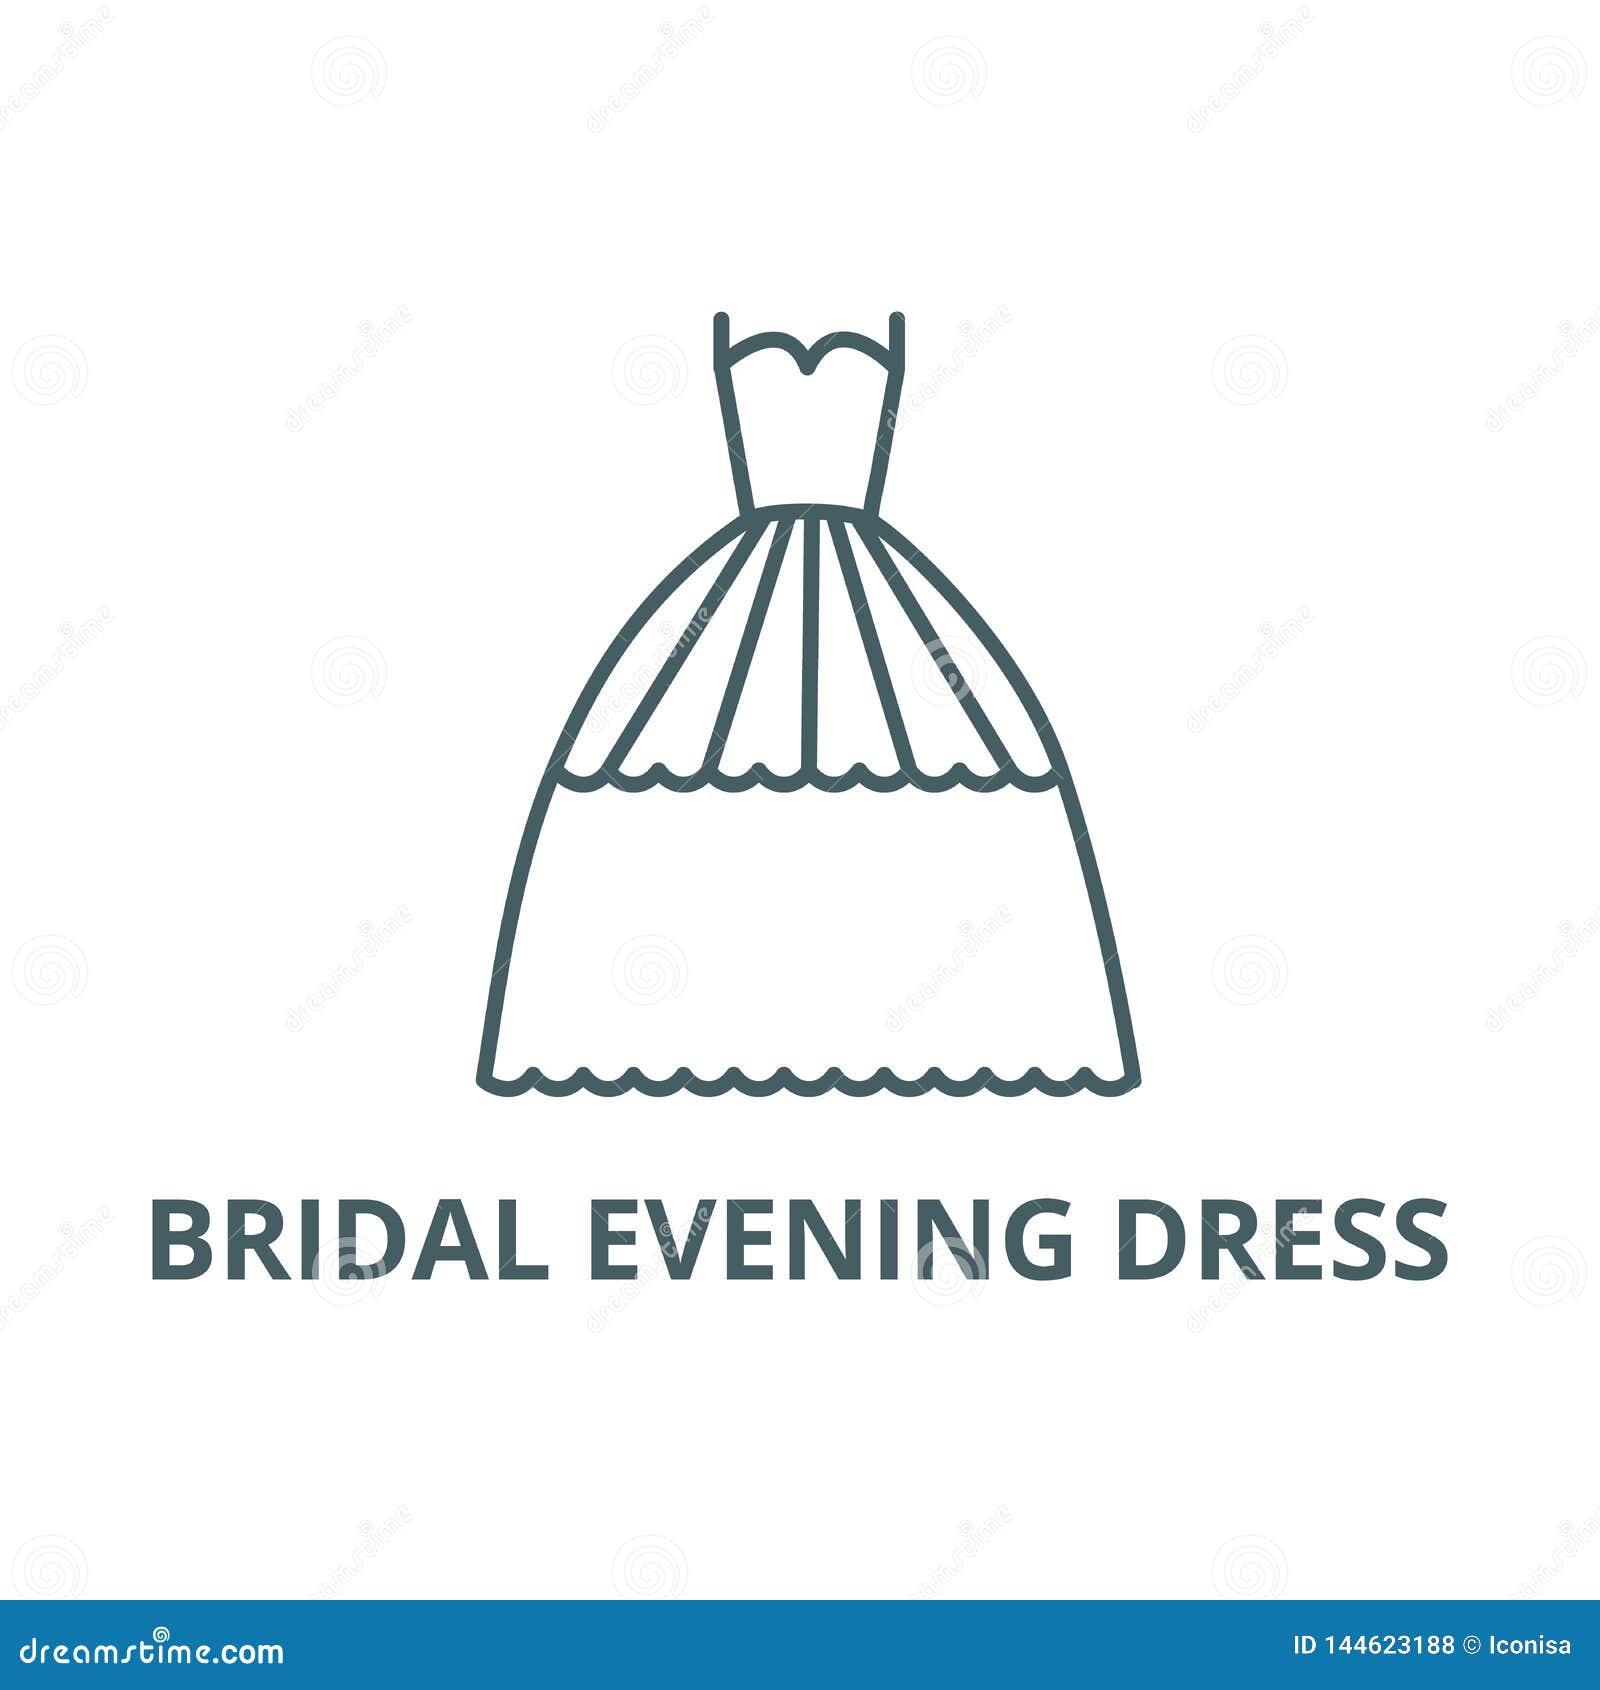 Bridal evening dress line icon, vector. Bridal evening dress outline sign, concept symbol, flat illustration